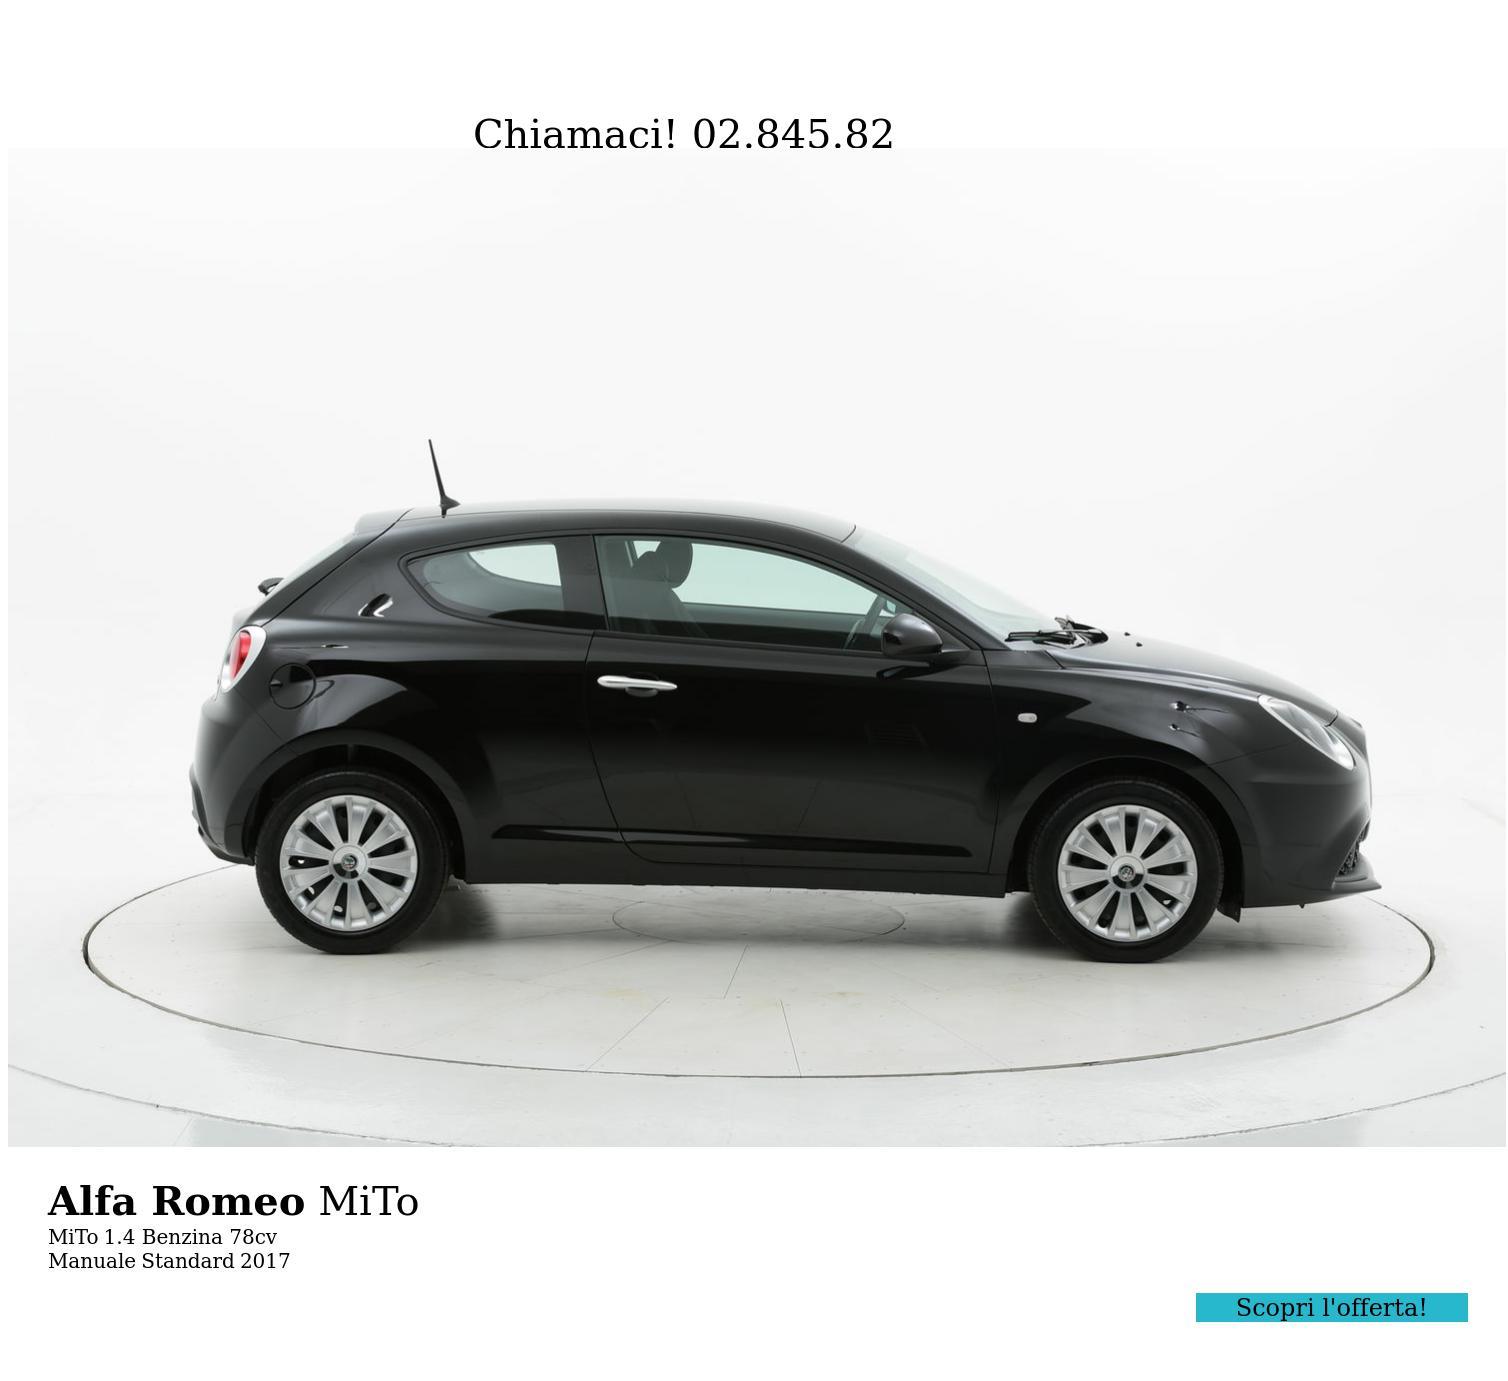 Alfa Romeo MiTo MiTo km 0 benzina nera | brumbrum